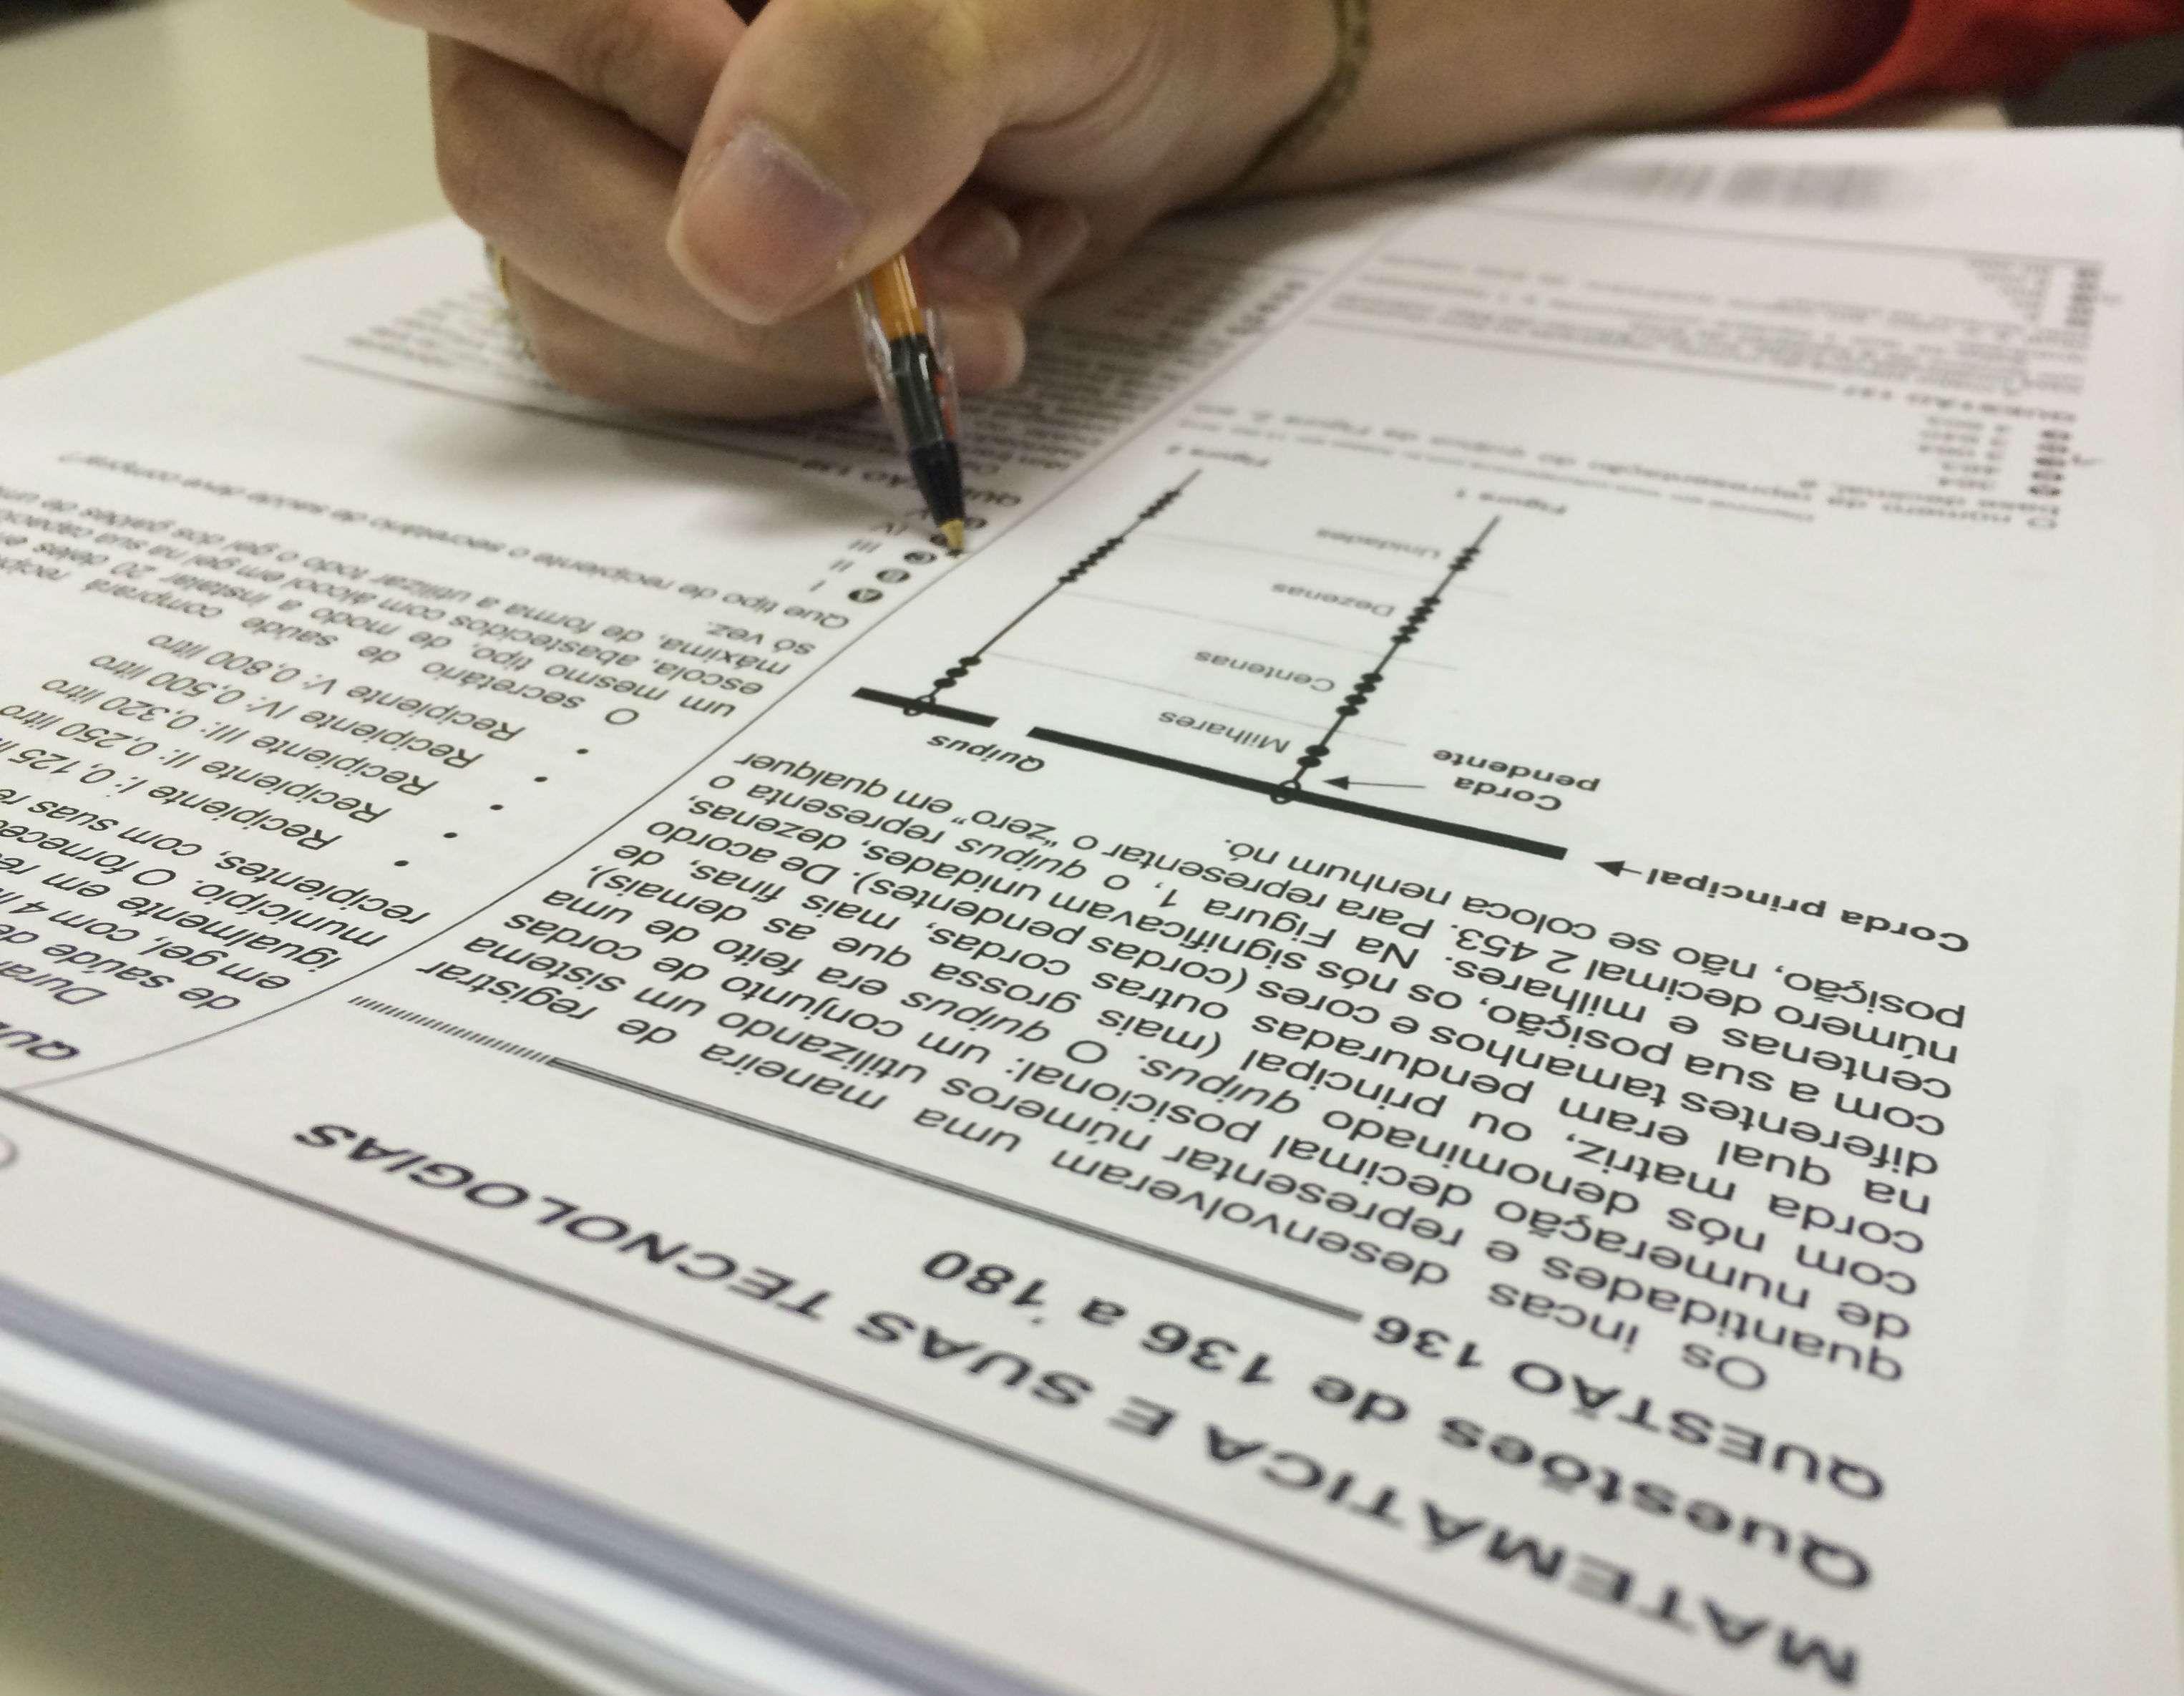 O ministro da Educação, Rossieli Soares da Silva, acredita que a queda no número de inscritos se deve às medidas adotadas pelo MEC para reduzir o número de faltantes.